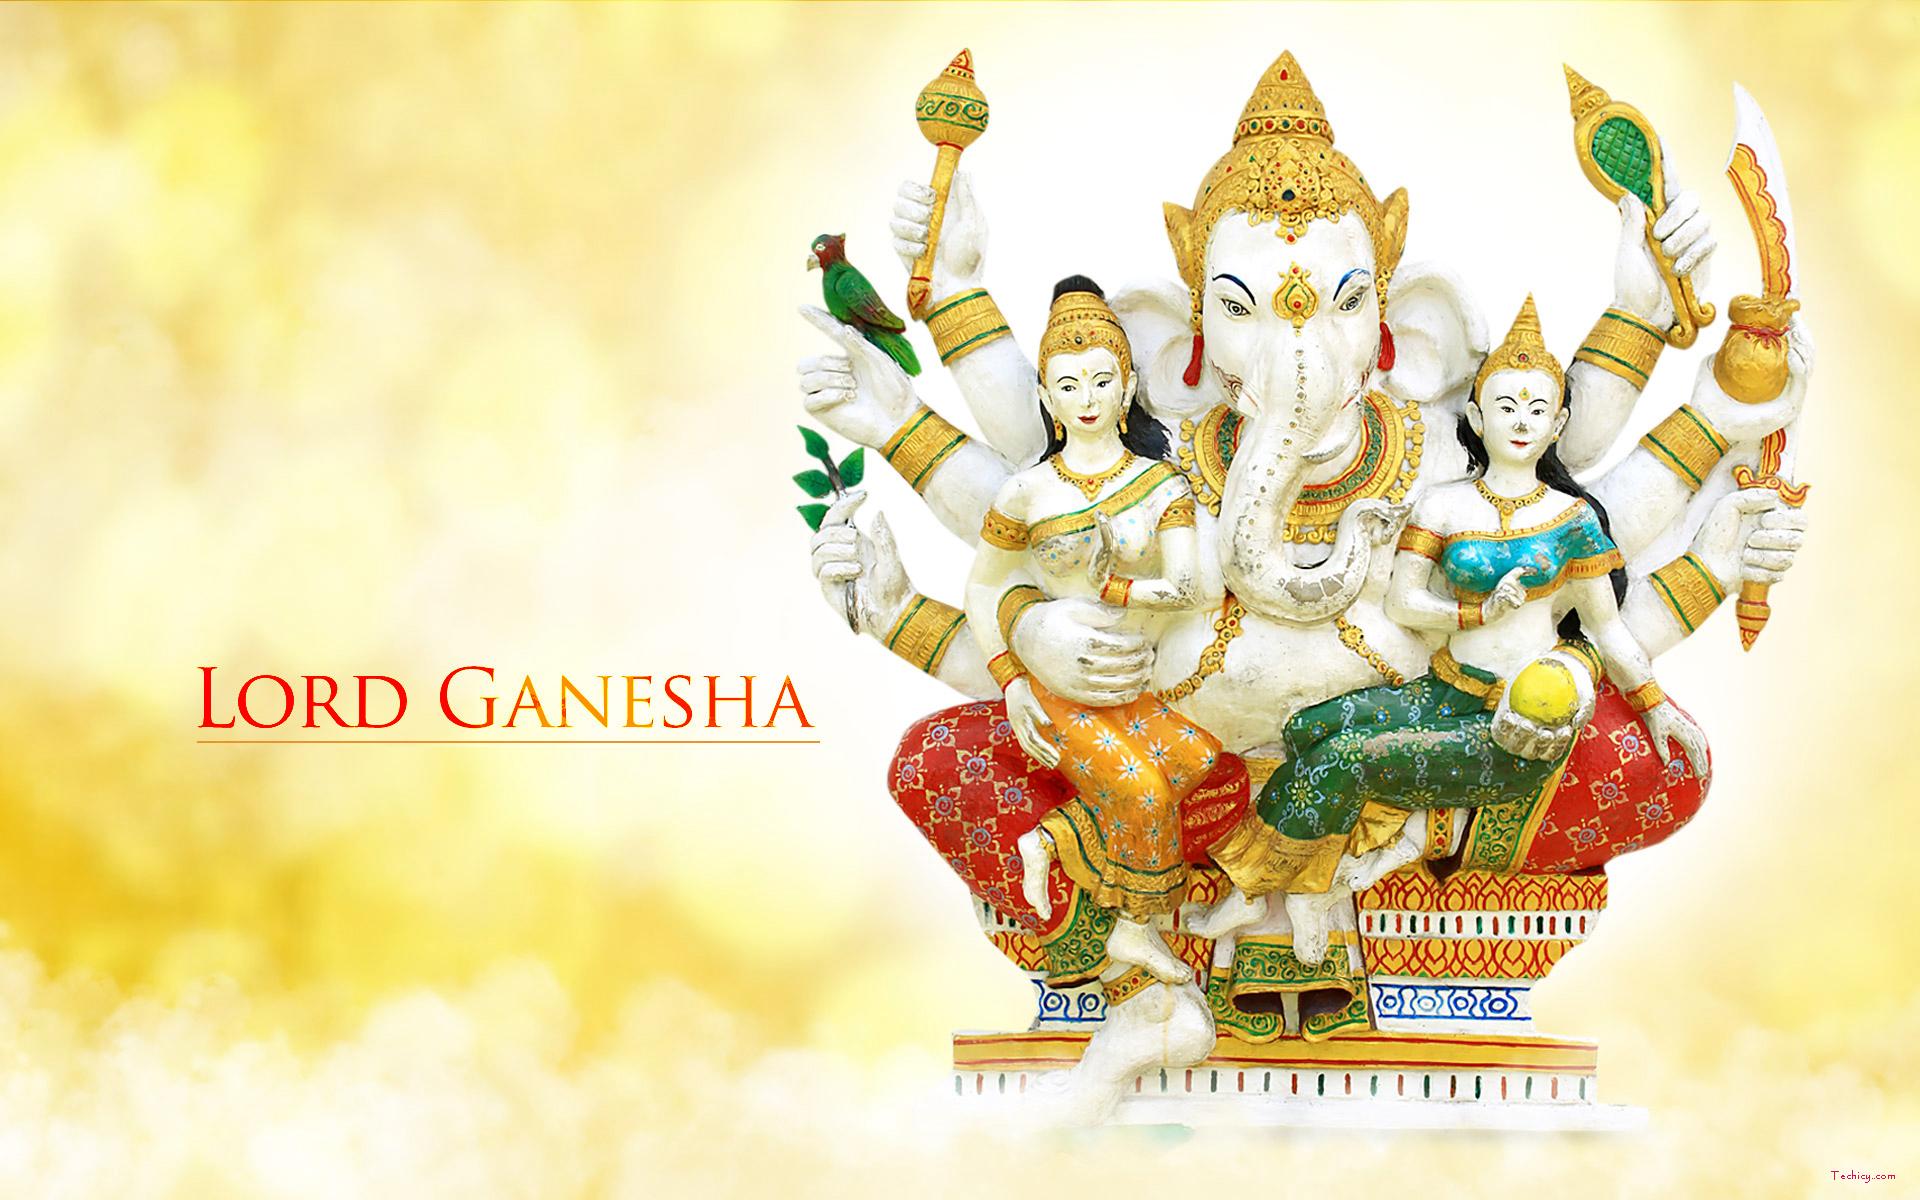 Ayyappan 3d Wallpaper Ganesh Chaturthi Hd Images Wallpapers Pics And Photos